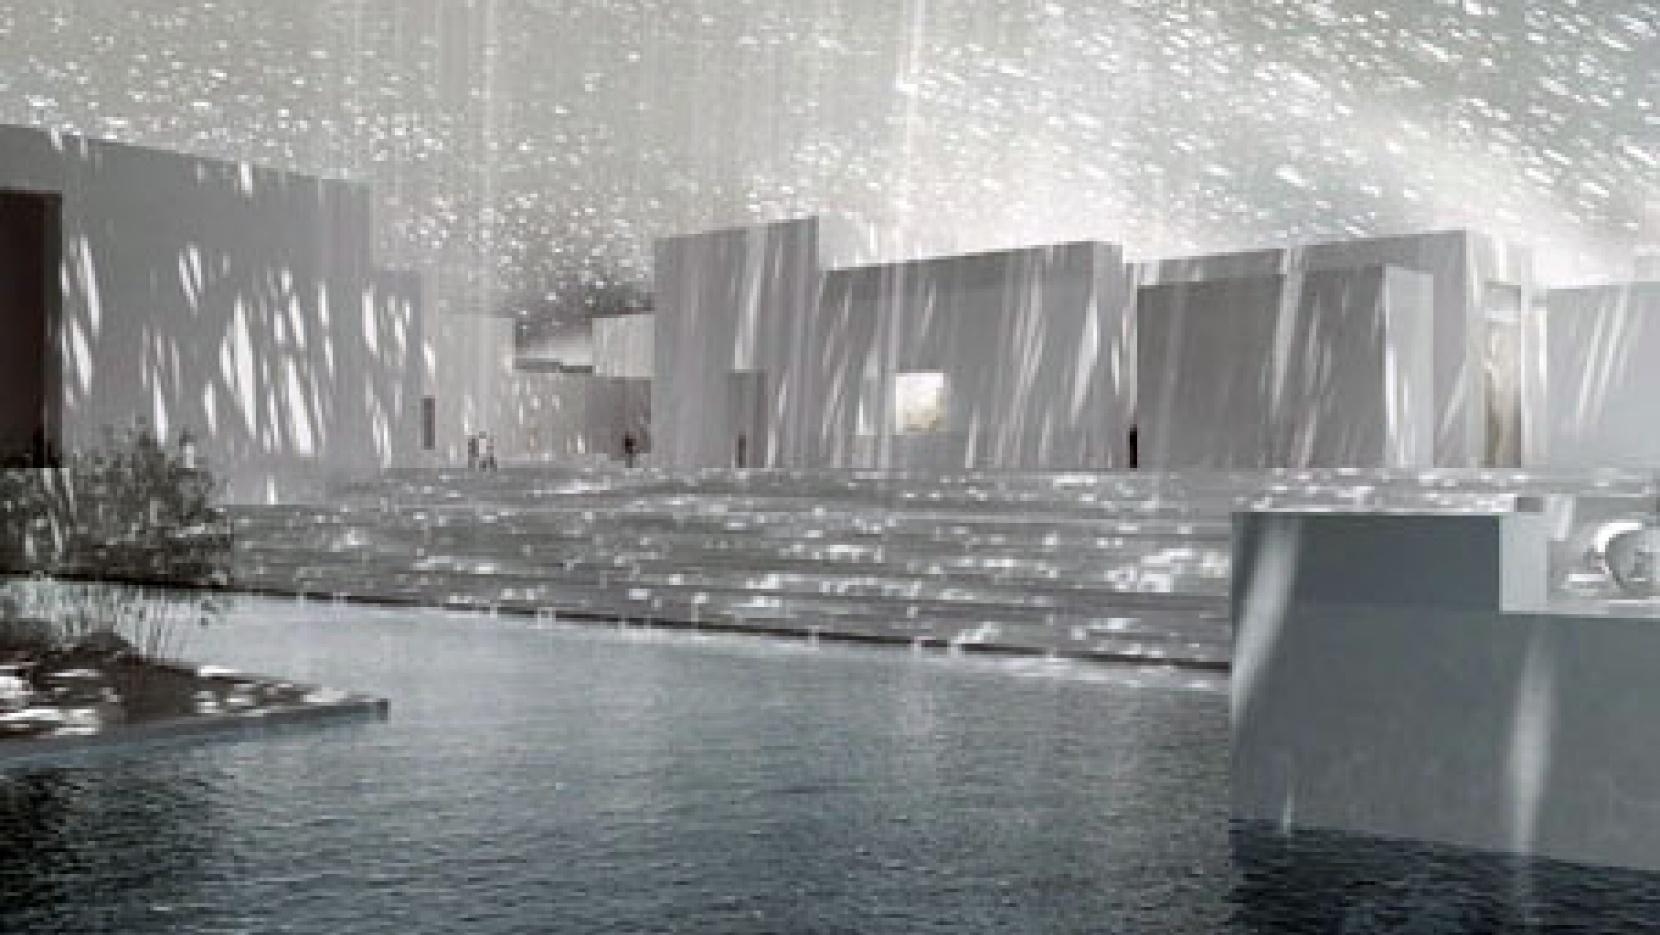 Pritzker Architecture Prize 2008 Presented Jean